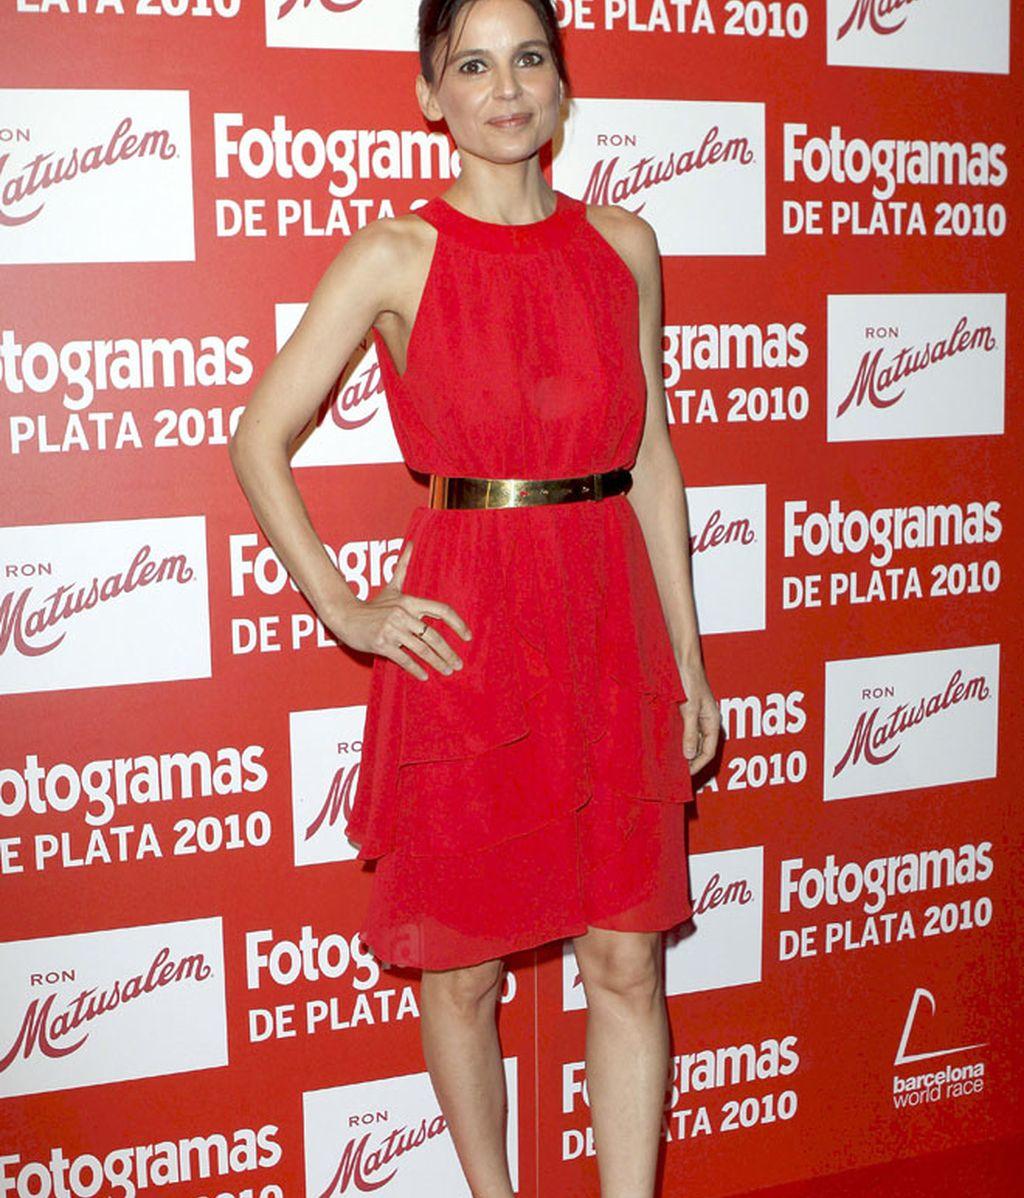 Estilismos variopintos en los premios Fotogramas